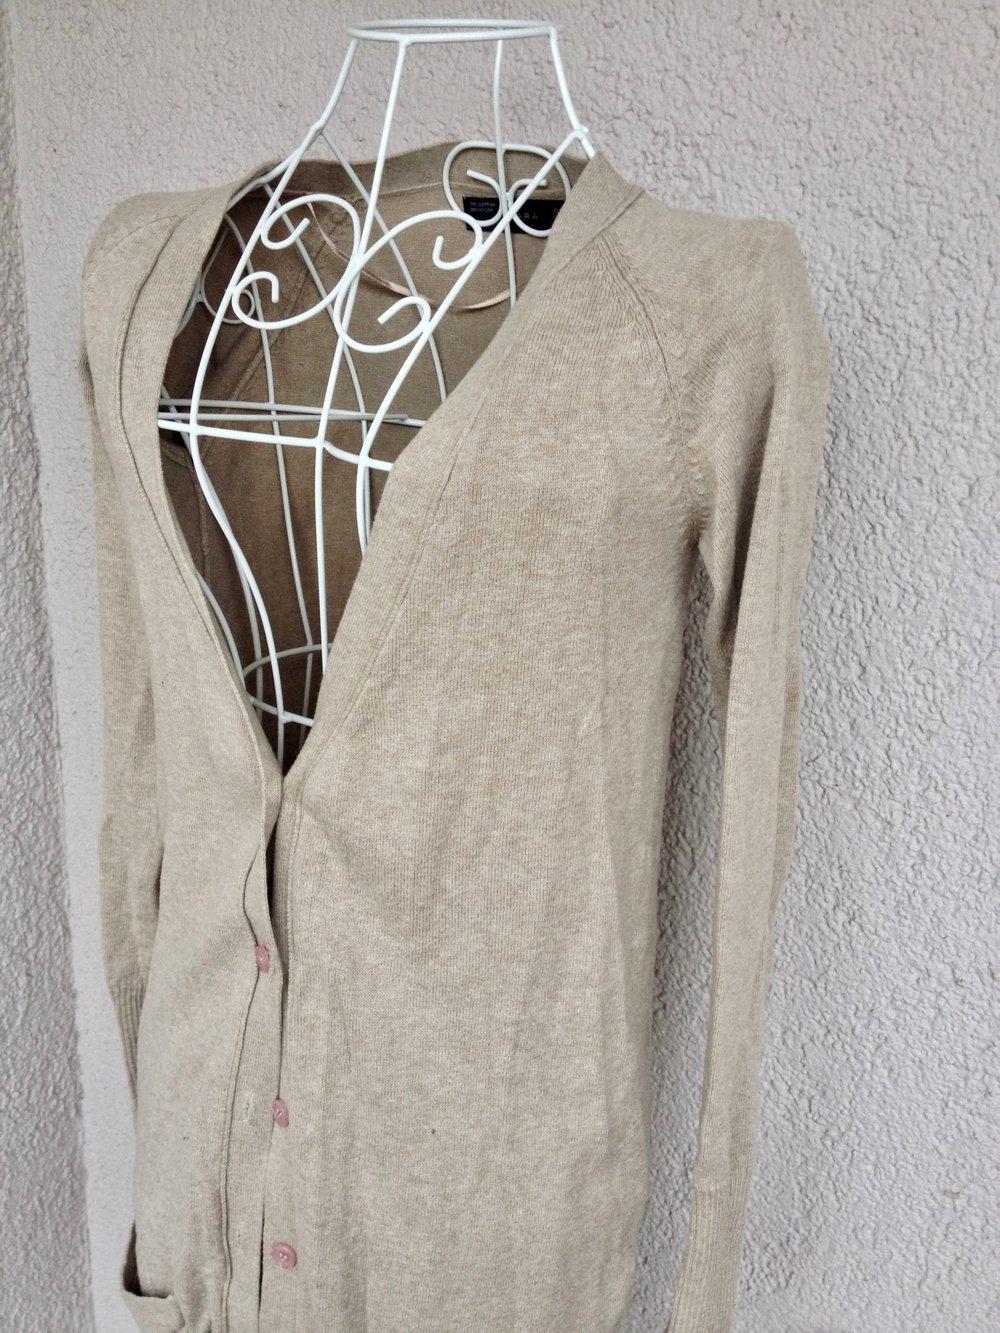 Schöner langer Cardigan von Zara Schöner langer Cardigan von Zara ... 5ad86fbd70